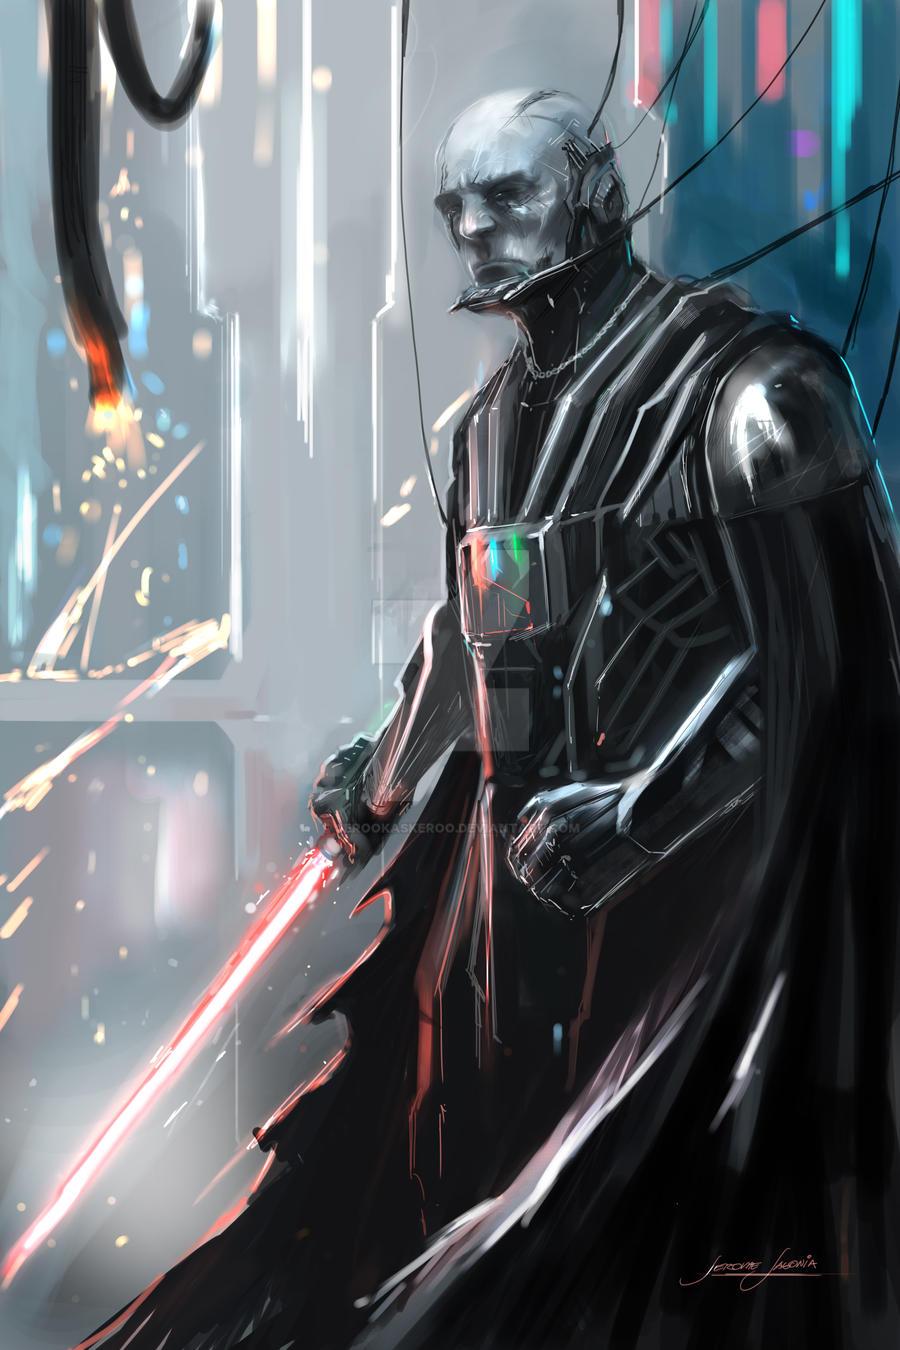 Darth Vader by JerooKaskeroo on DeviantArt